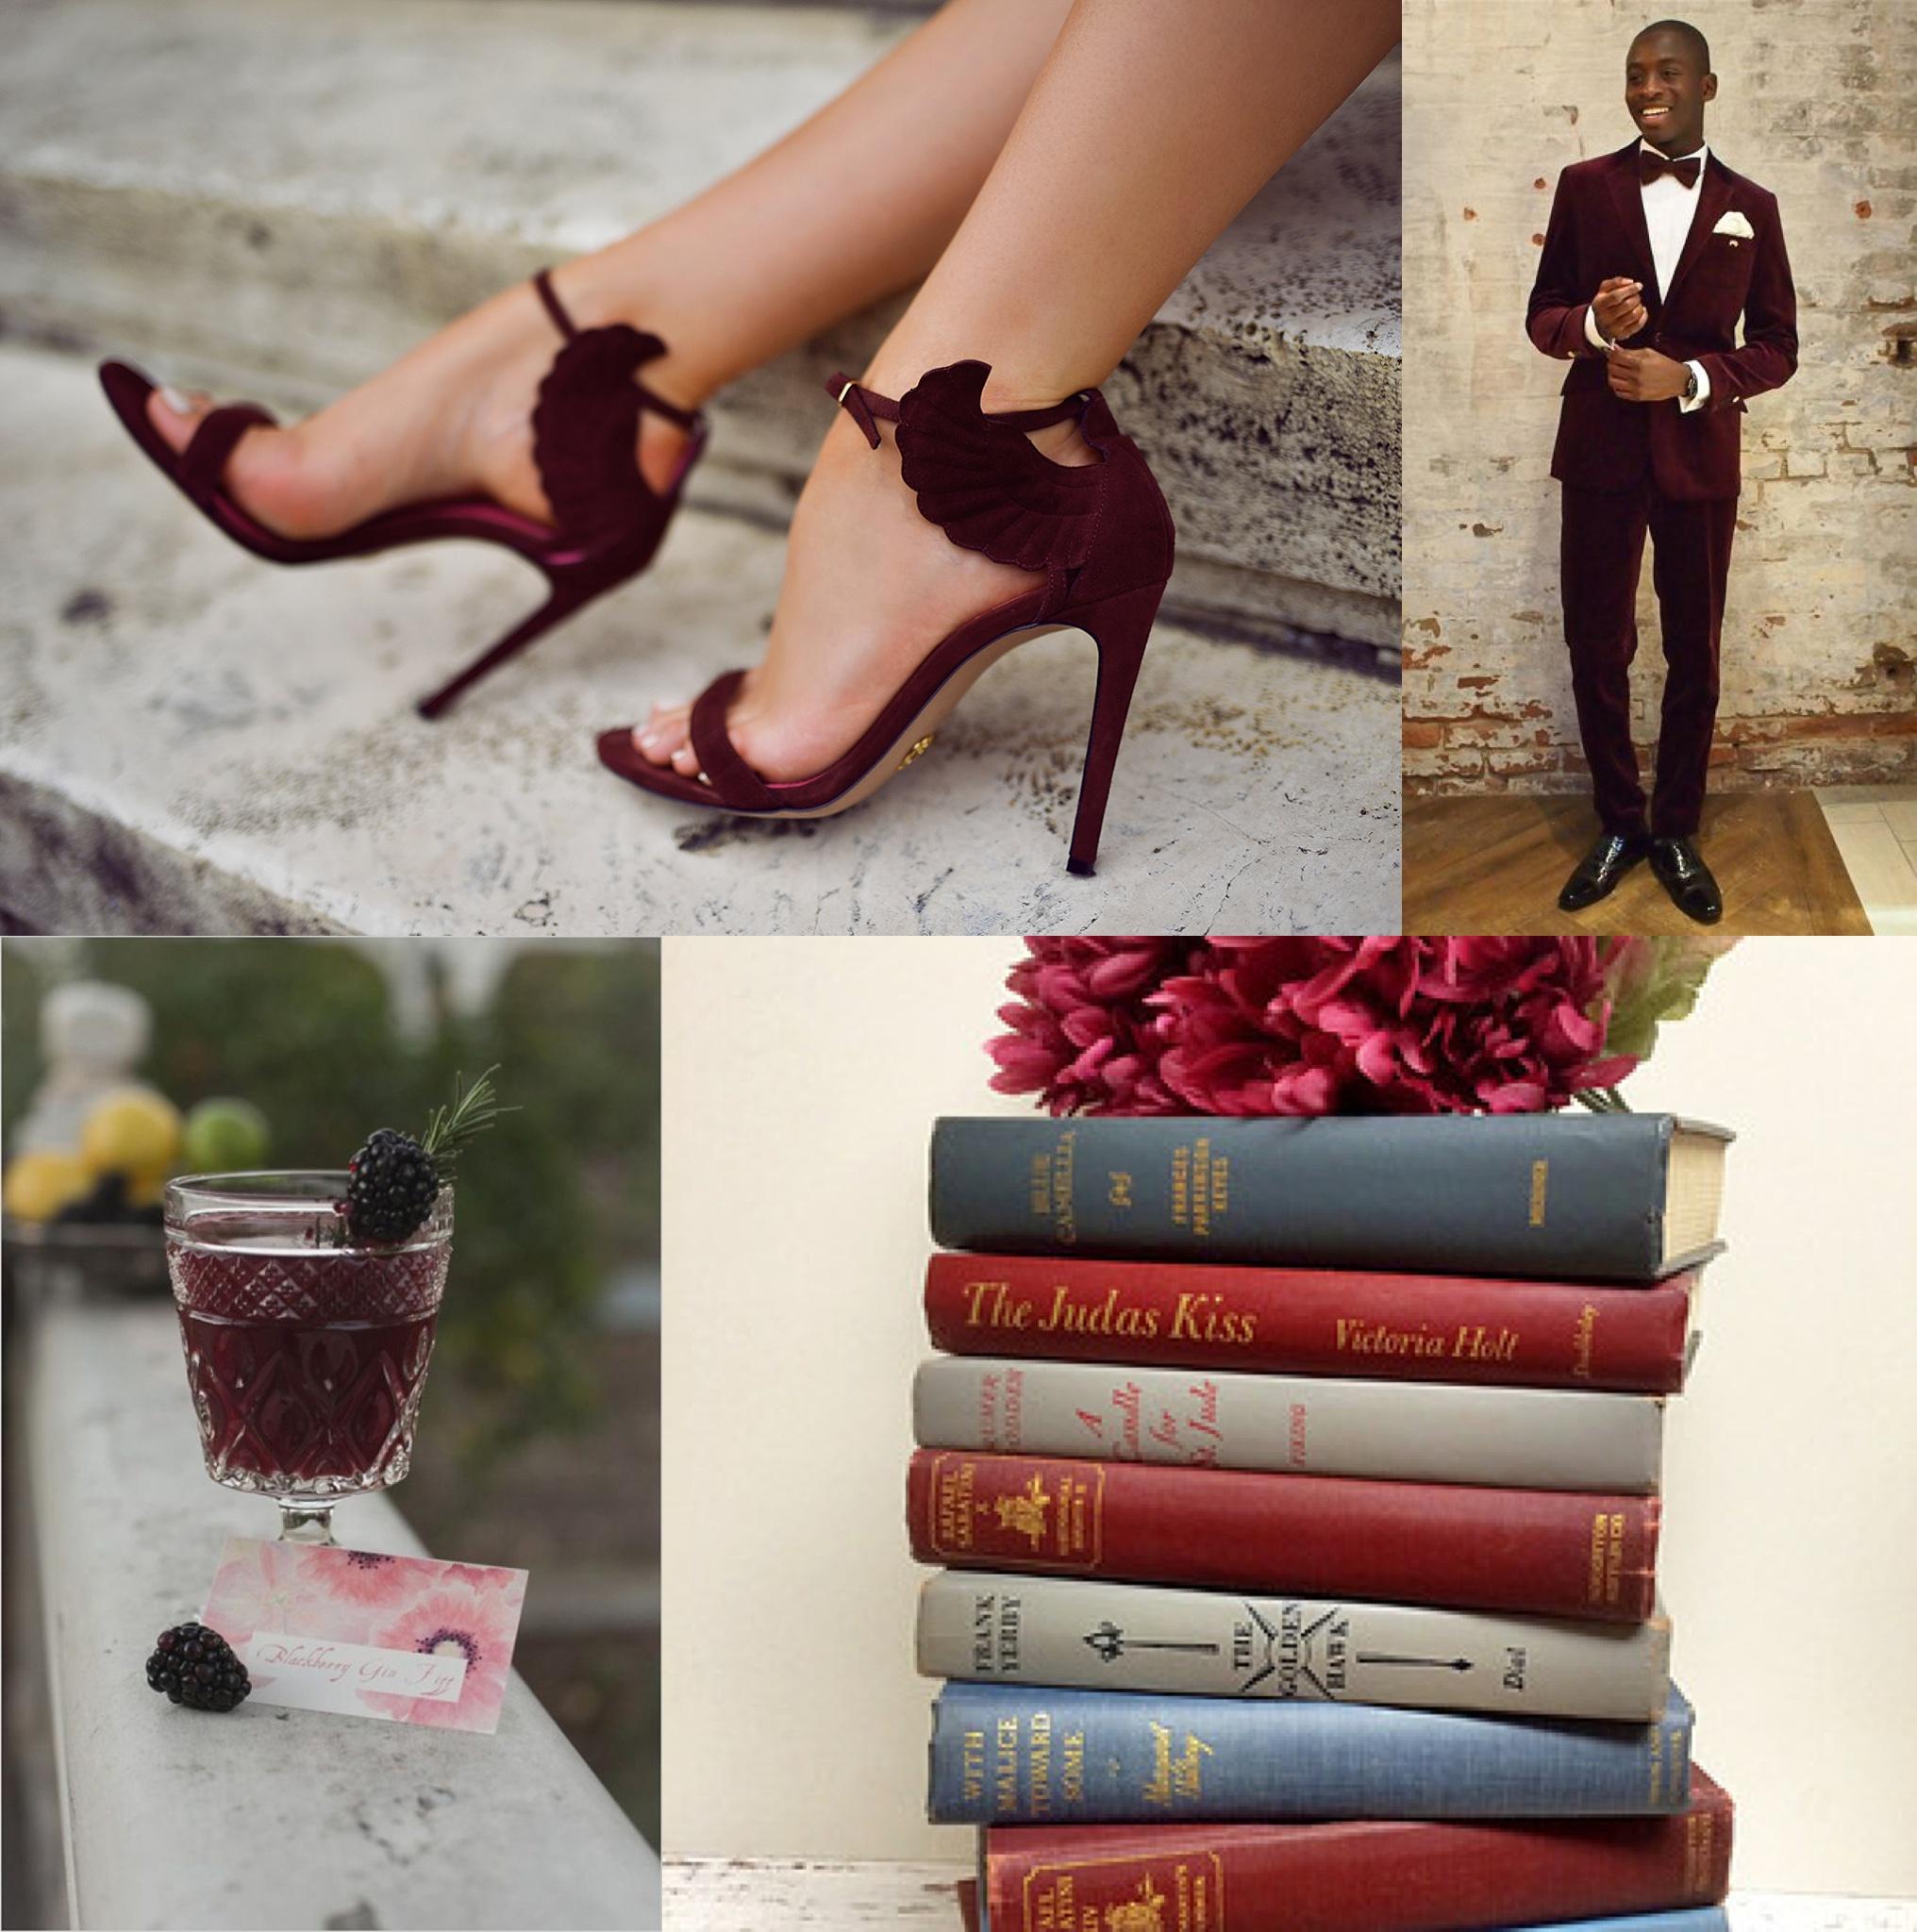 SOURCES:  Shoes ,  Suit ,  Drink ,  Books